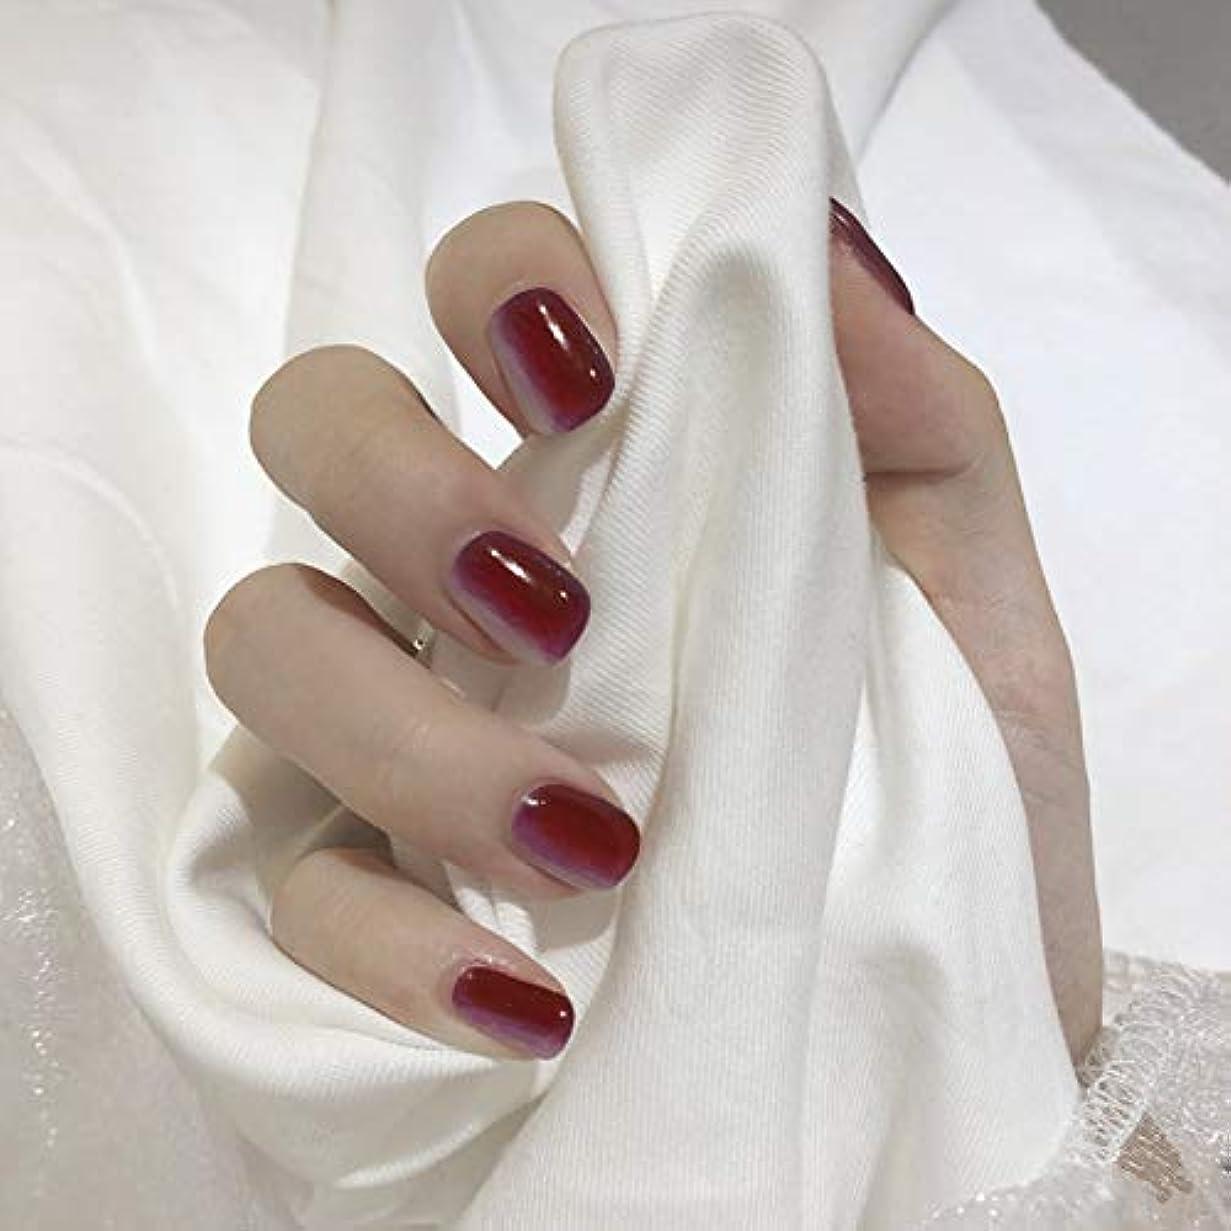 蜜注目すべき散髪新発売 垂直パターン グラデーションカラーネイルチップ ins流行する 24枚入 可愛い優雅ネイル 短いさネイルチップ (赤と灰)